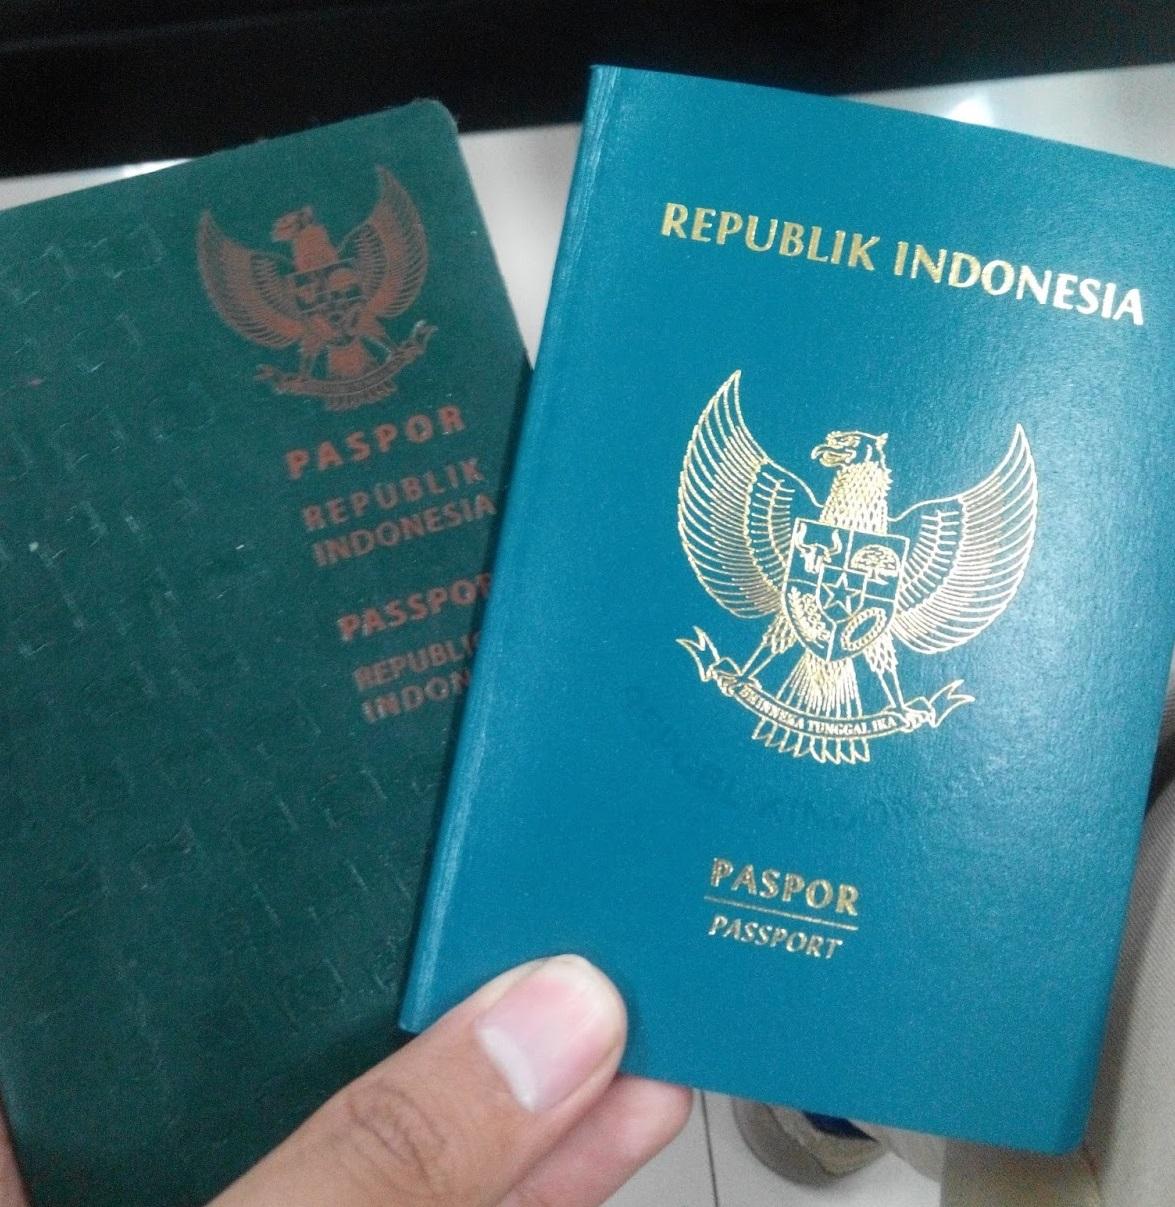 warna sampul paspor Indonesia. foto: blogspot